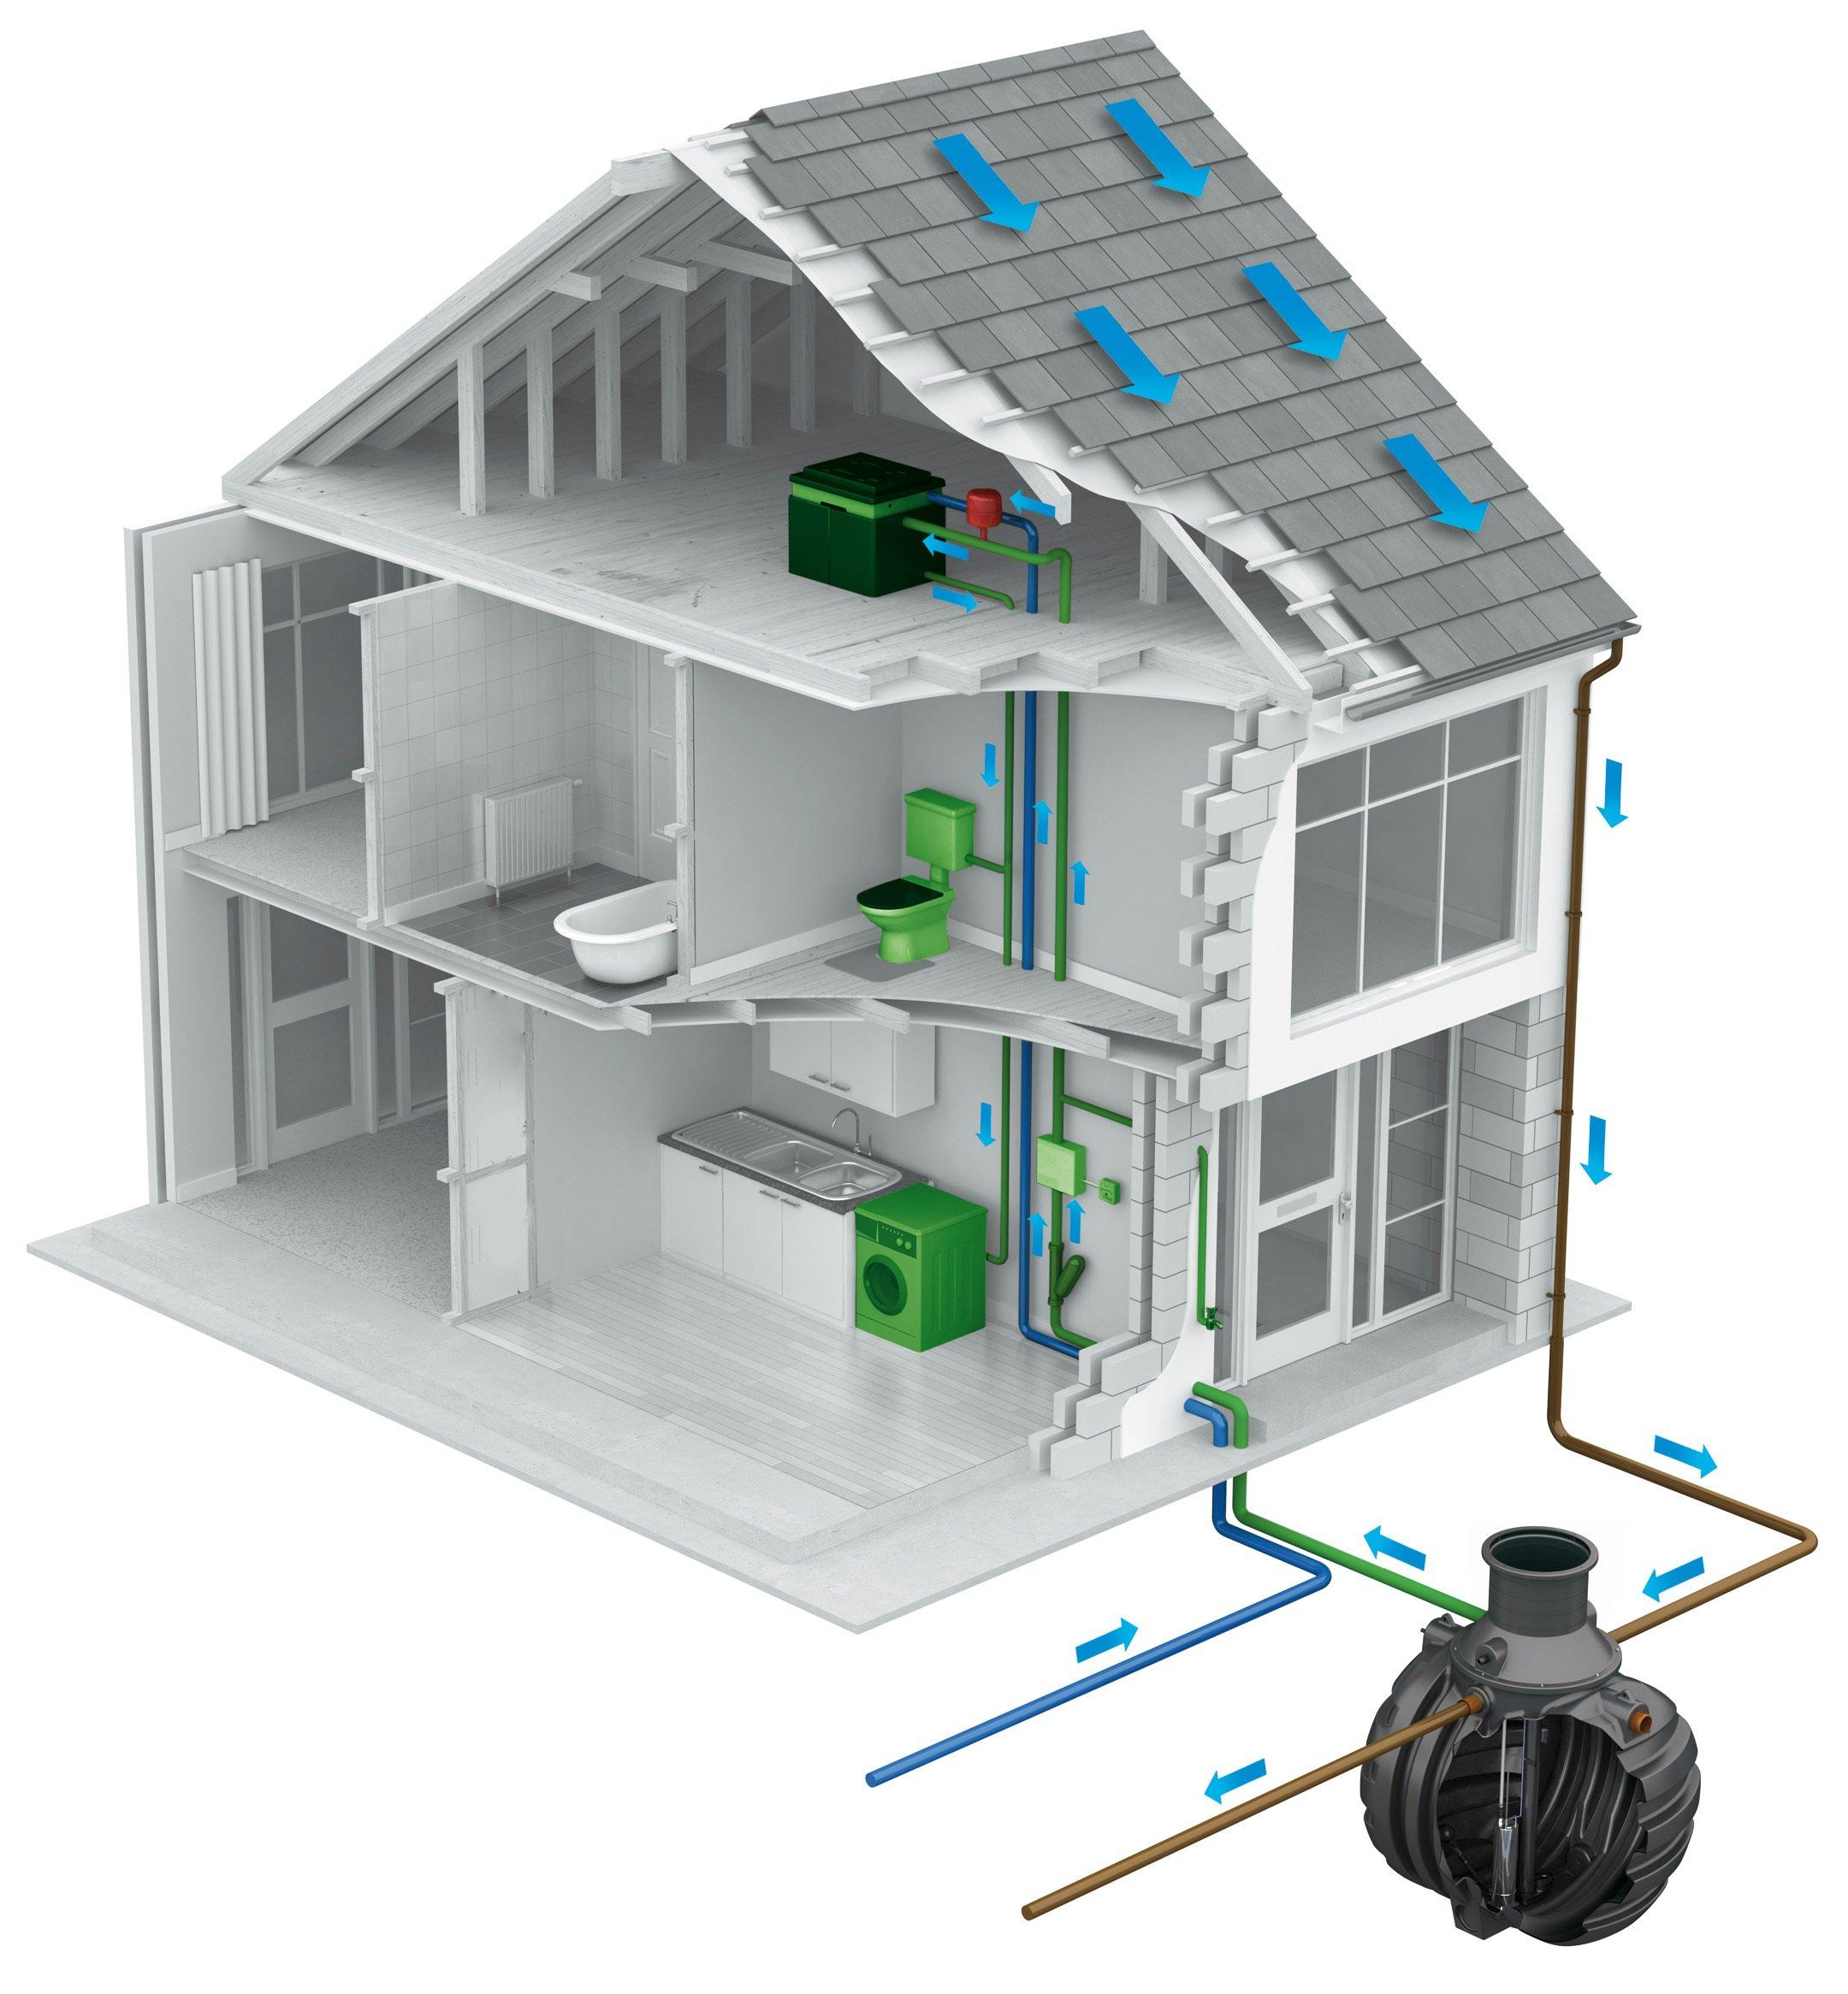 Wie funktioniert eine Anlage für Regenwasser -Sammlung?